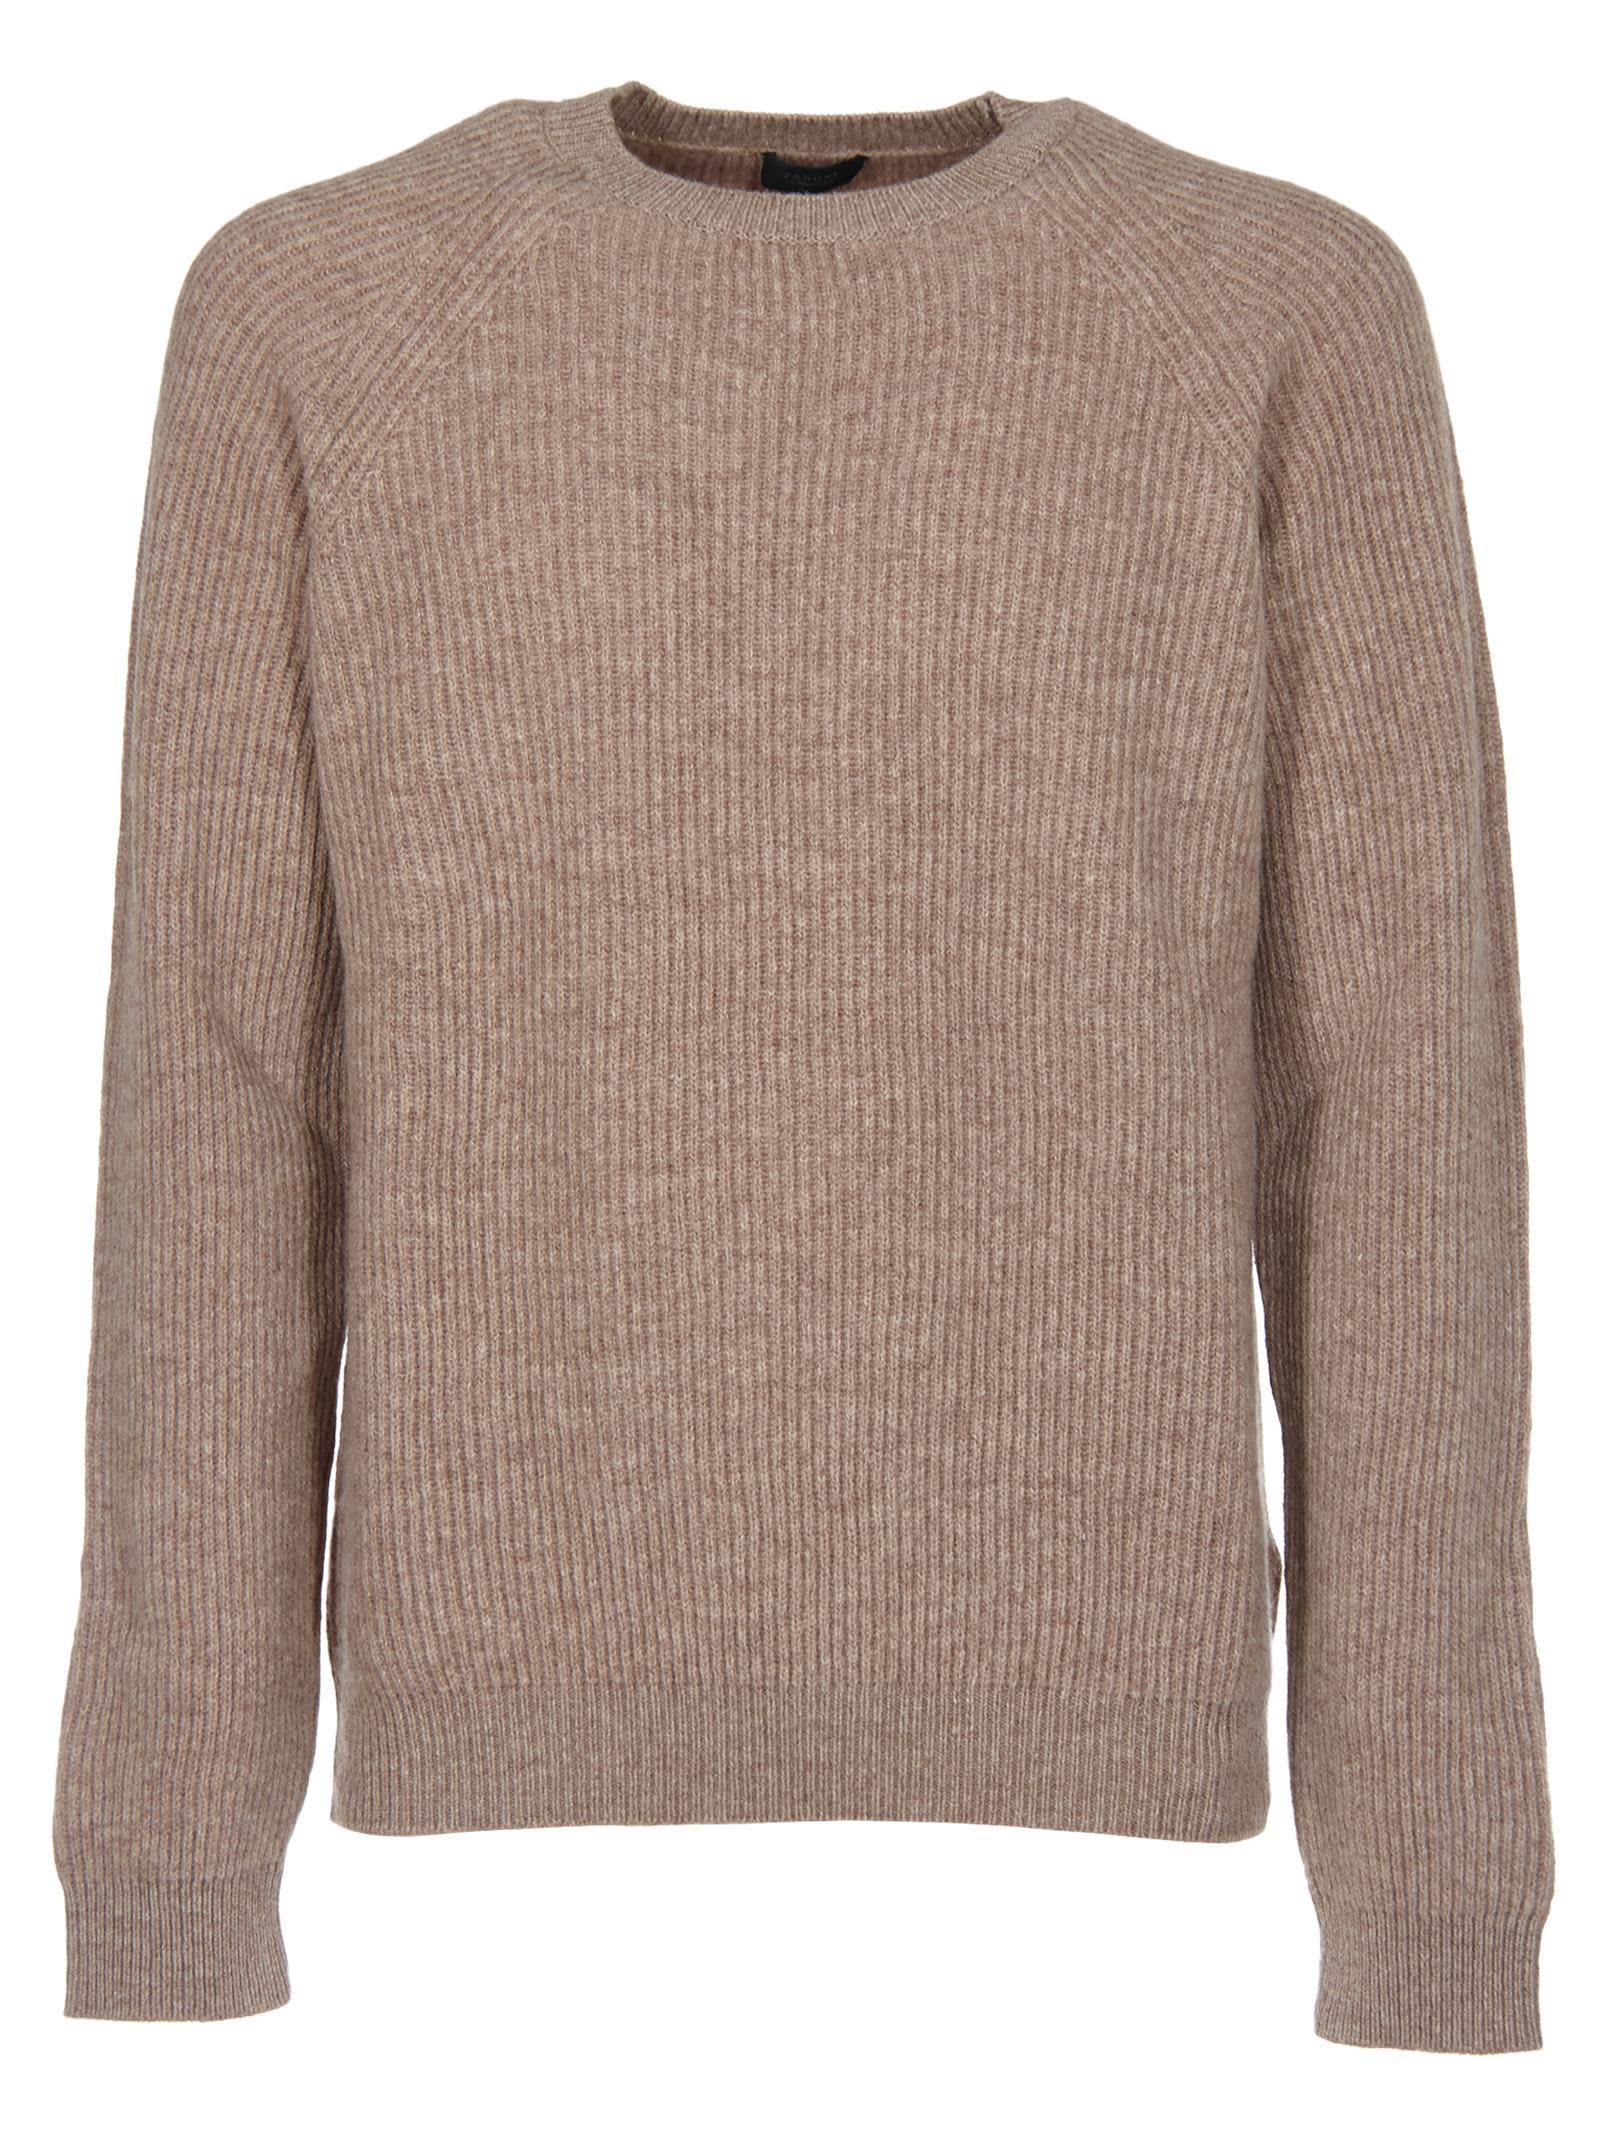 Zanone Ribbed Knit Sweater